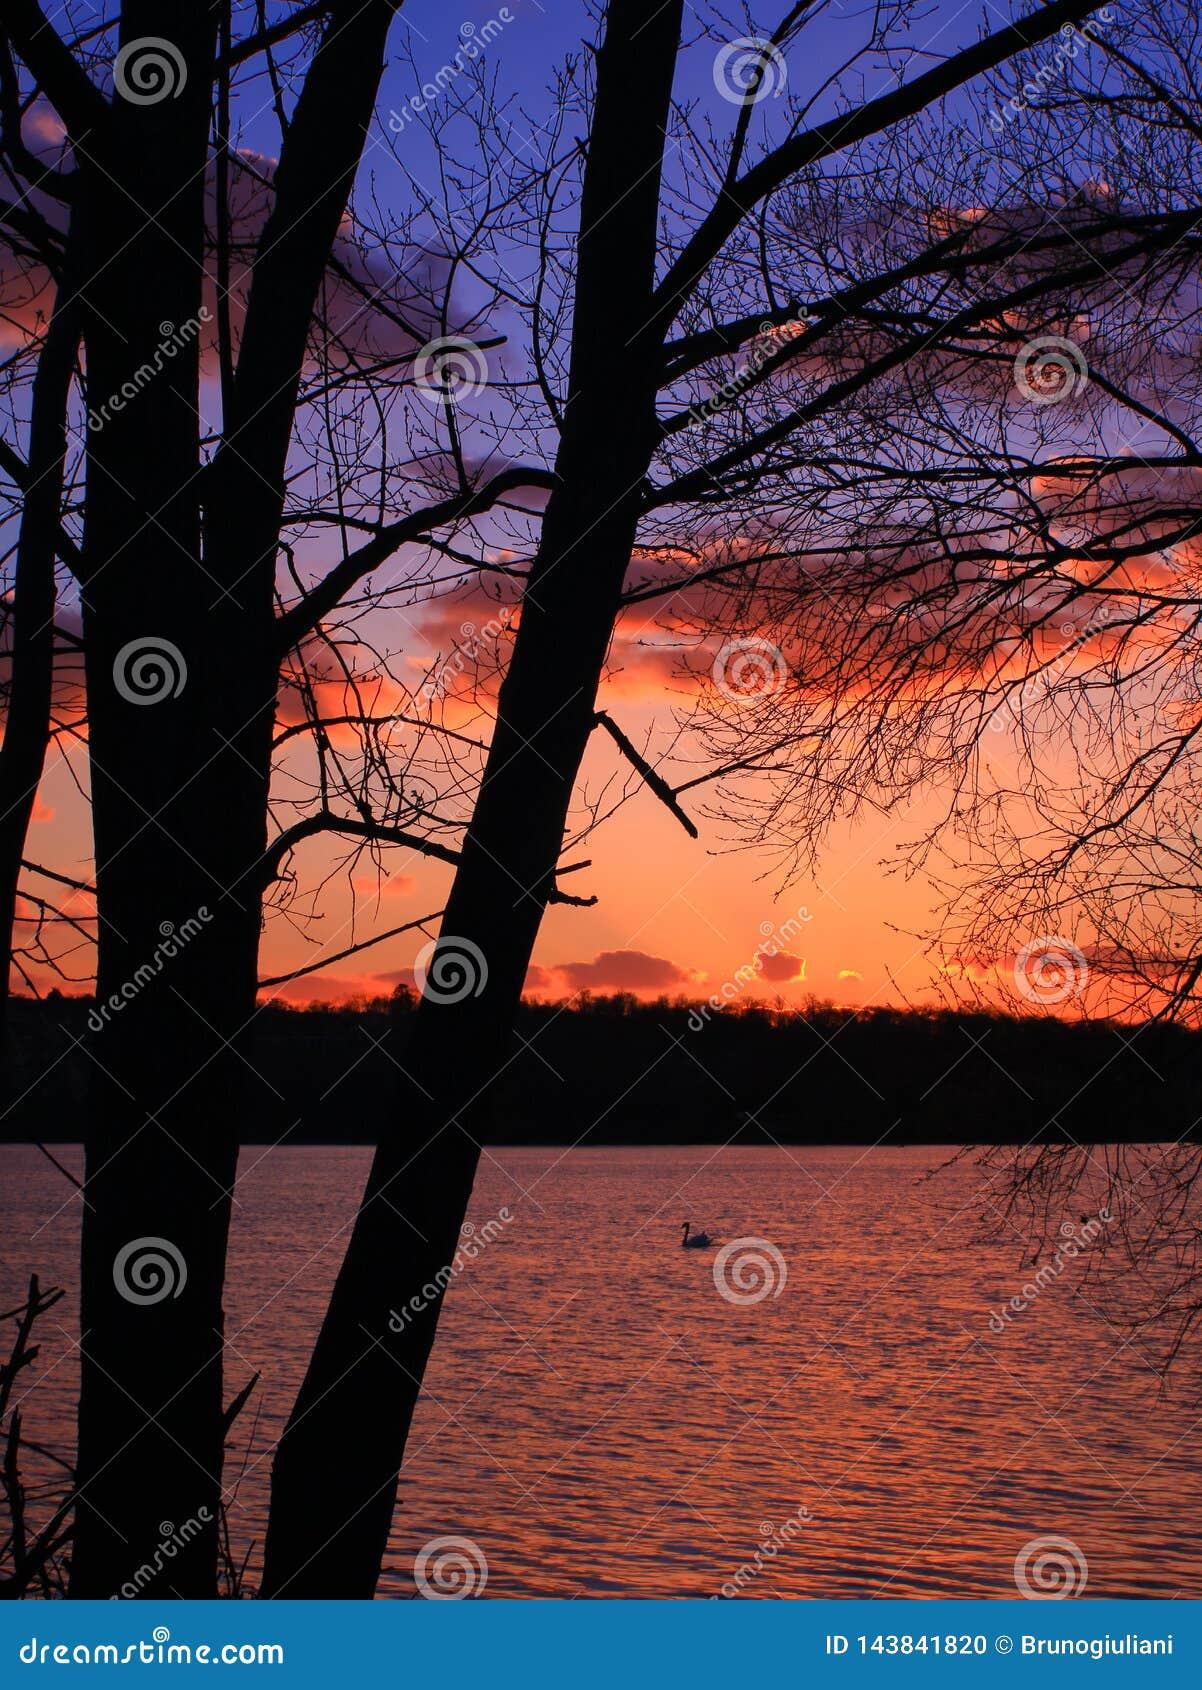 Sonnenuntergang mit dem Durchgang eines Schwans auf goldenen Reflexionen